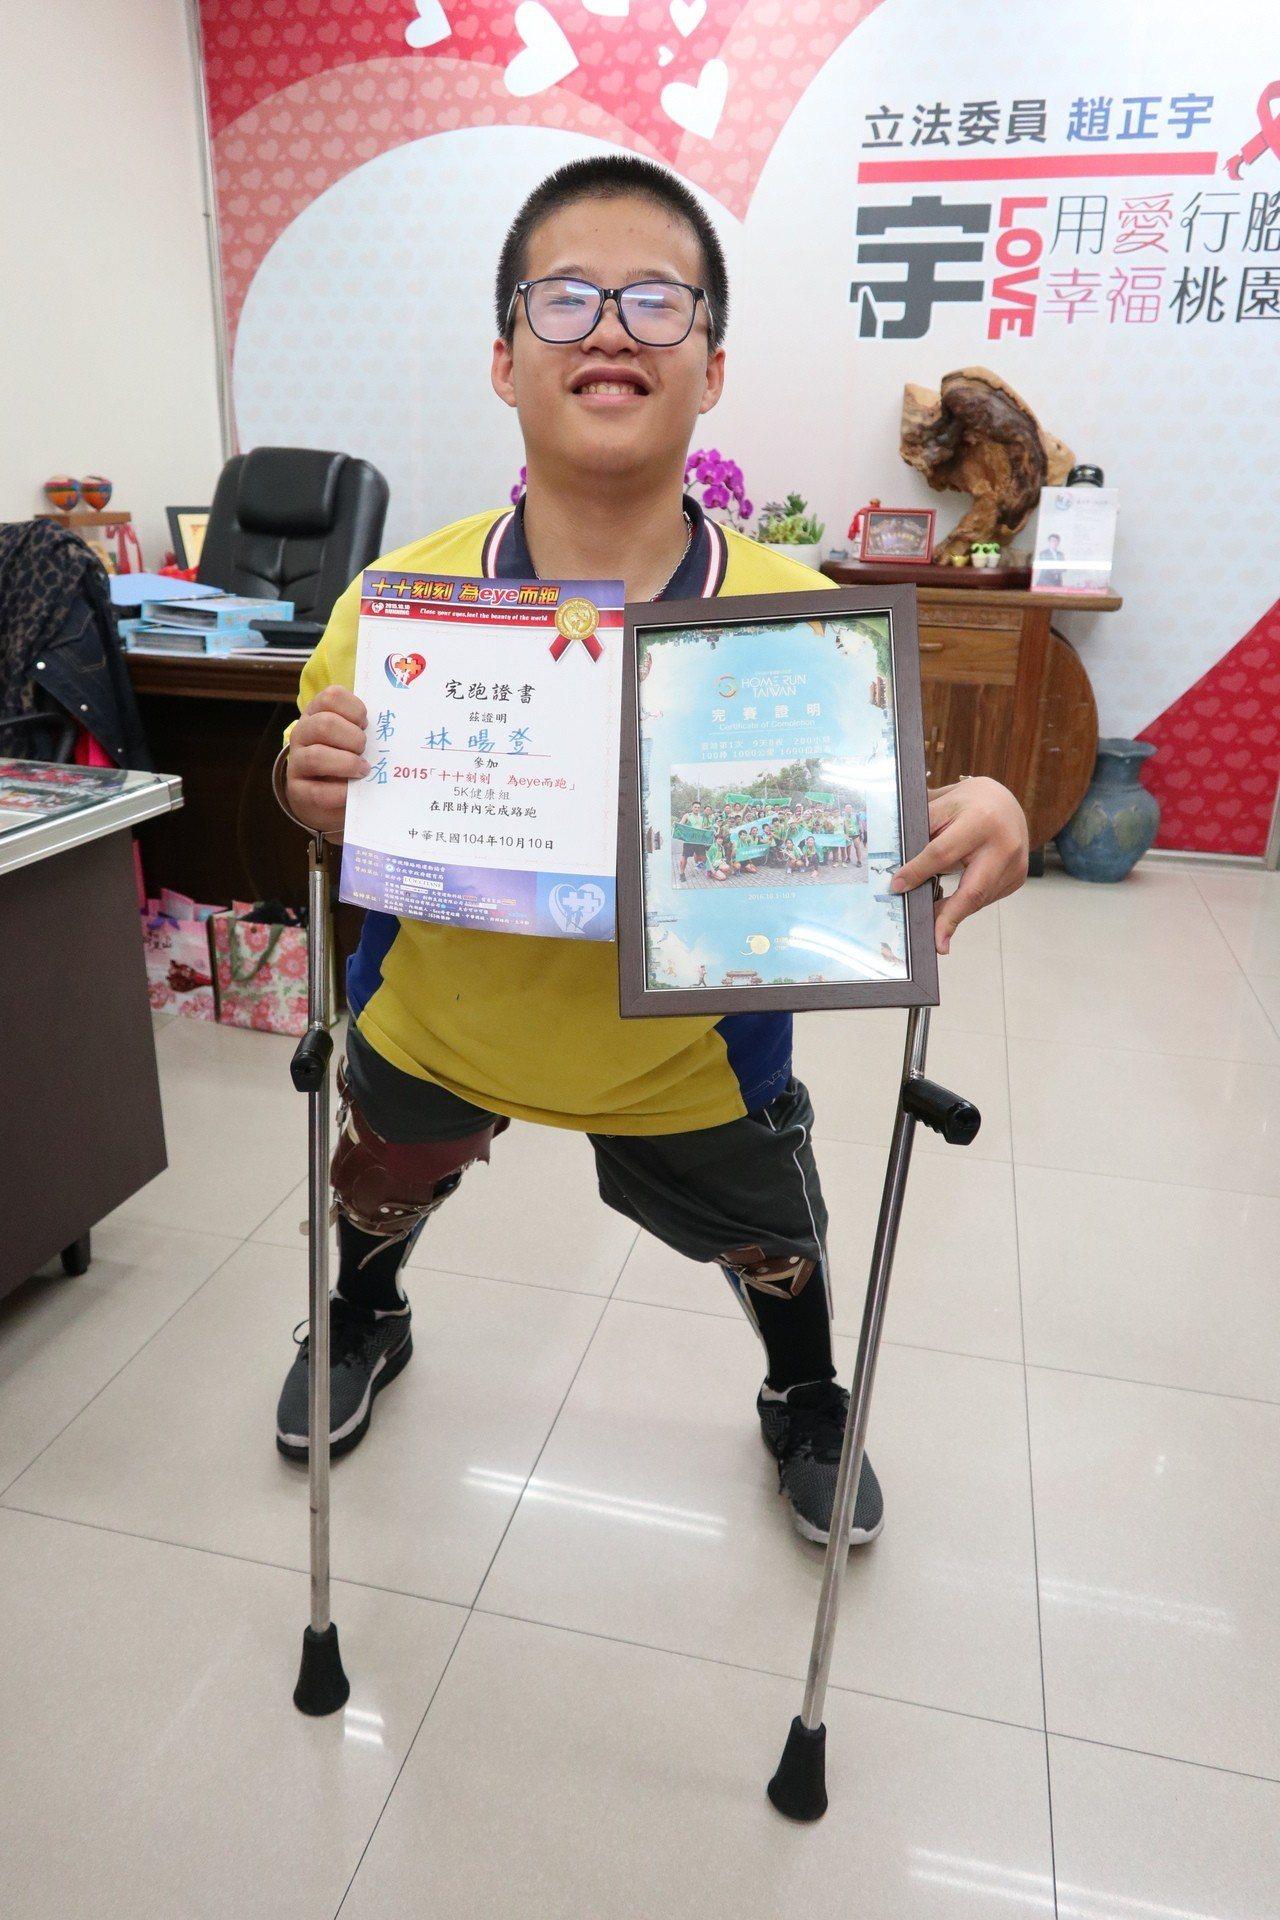 就讀桃園八德大成國中9年級學生林暘登,一出生患脊裂症,造成下半身癱瘓,雖行動不便...